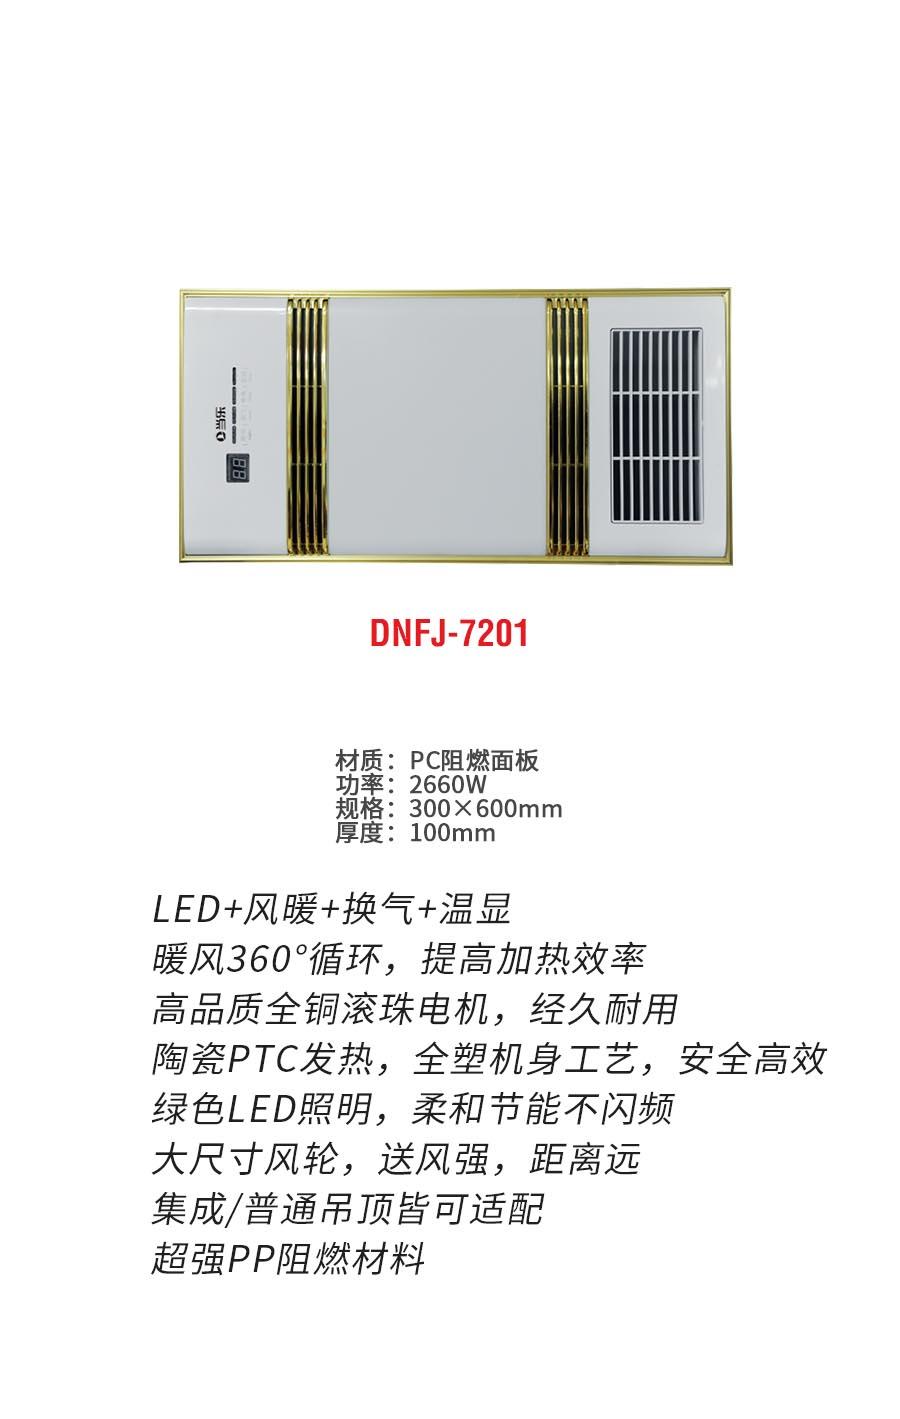 DNFJ-7201b.jpg